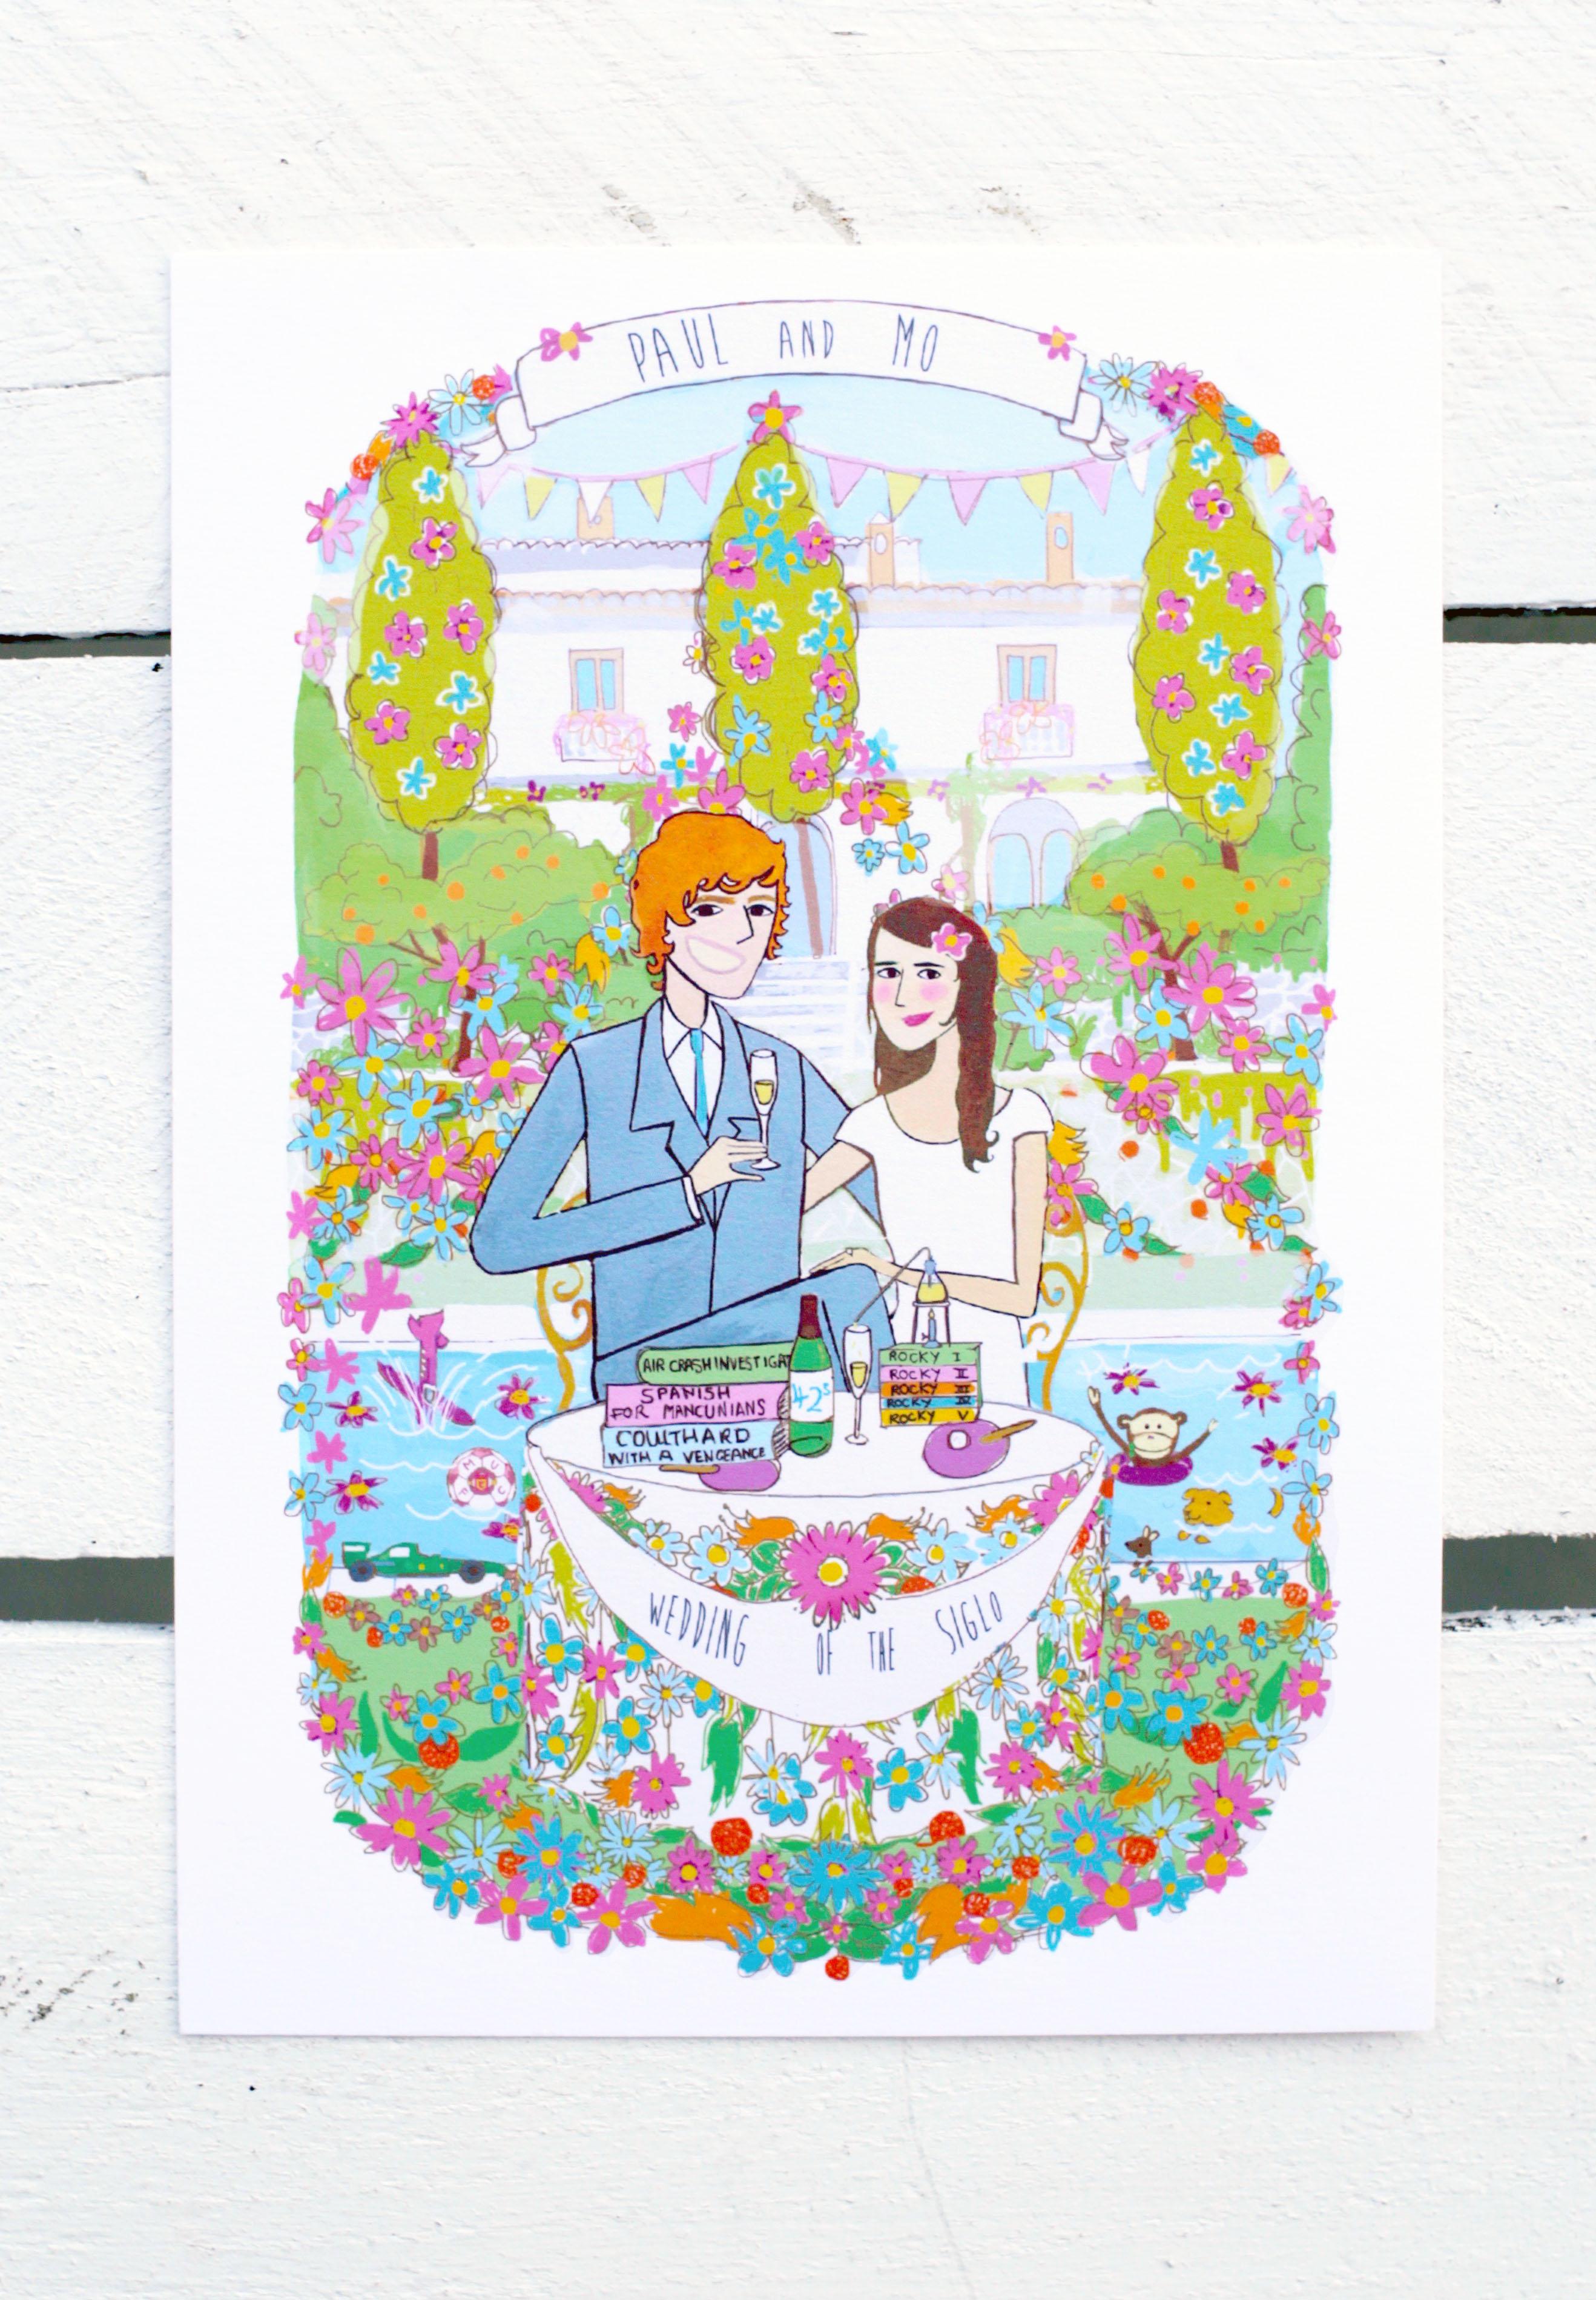 Floral wedding illustration